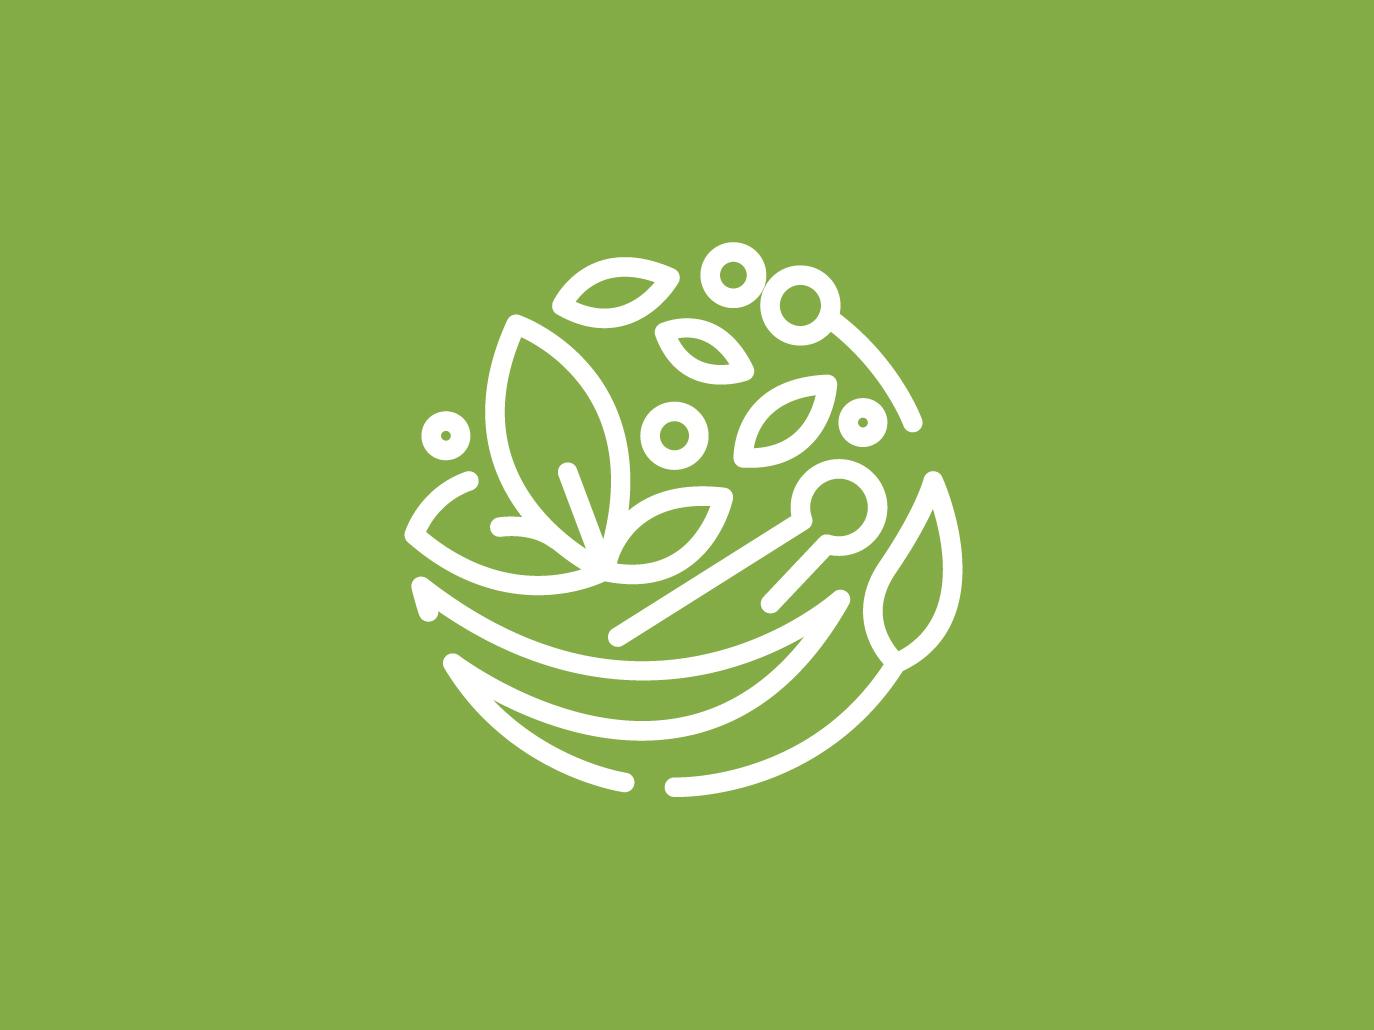 HERB LOGO DESIGN 1 herb logo logo design logo branding branding design monogram logo monoline logo logo